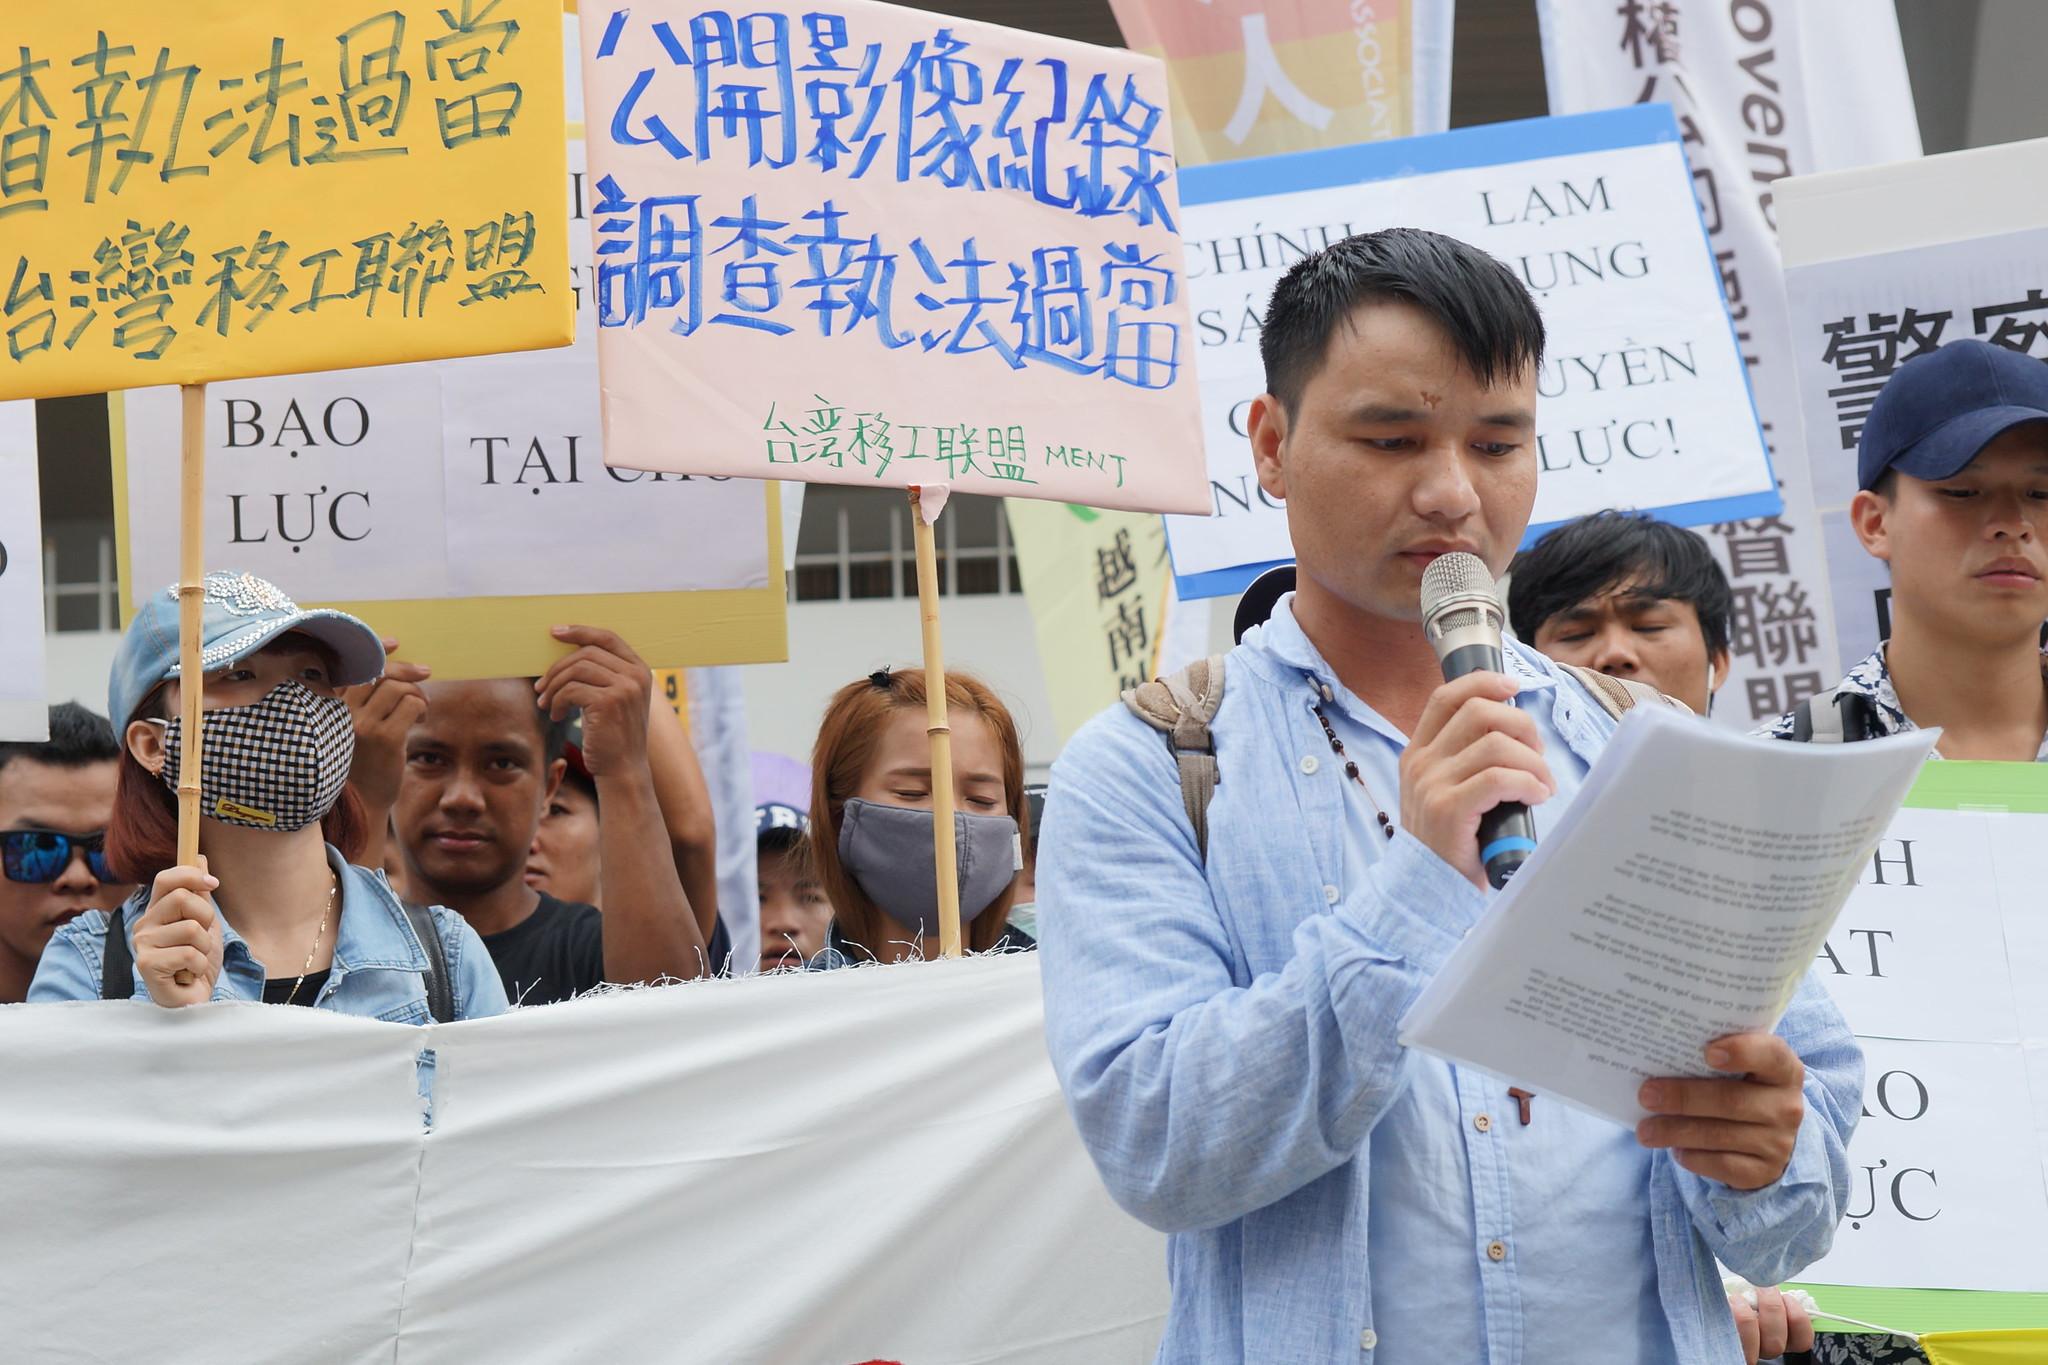 越南籍移工阮越高表示,移工只是到彩立方来工作,不是异类,希望在彩立方能得到平等尊重。(摄影:王颢中)